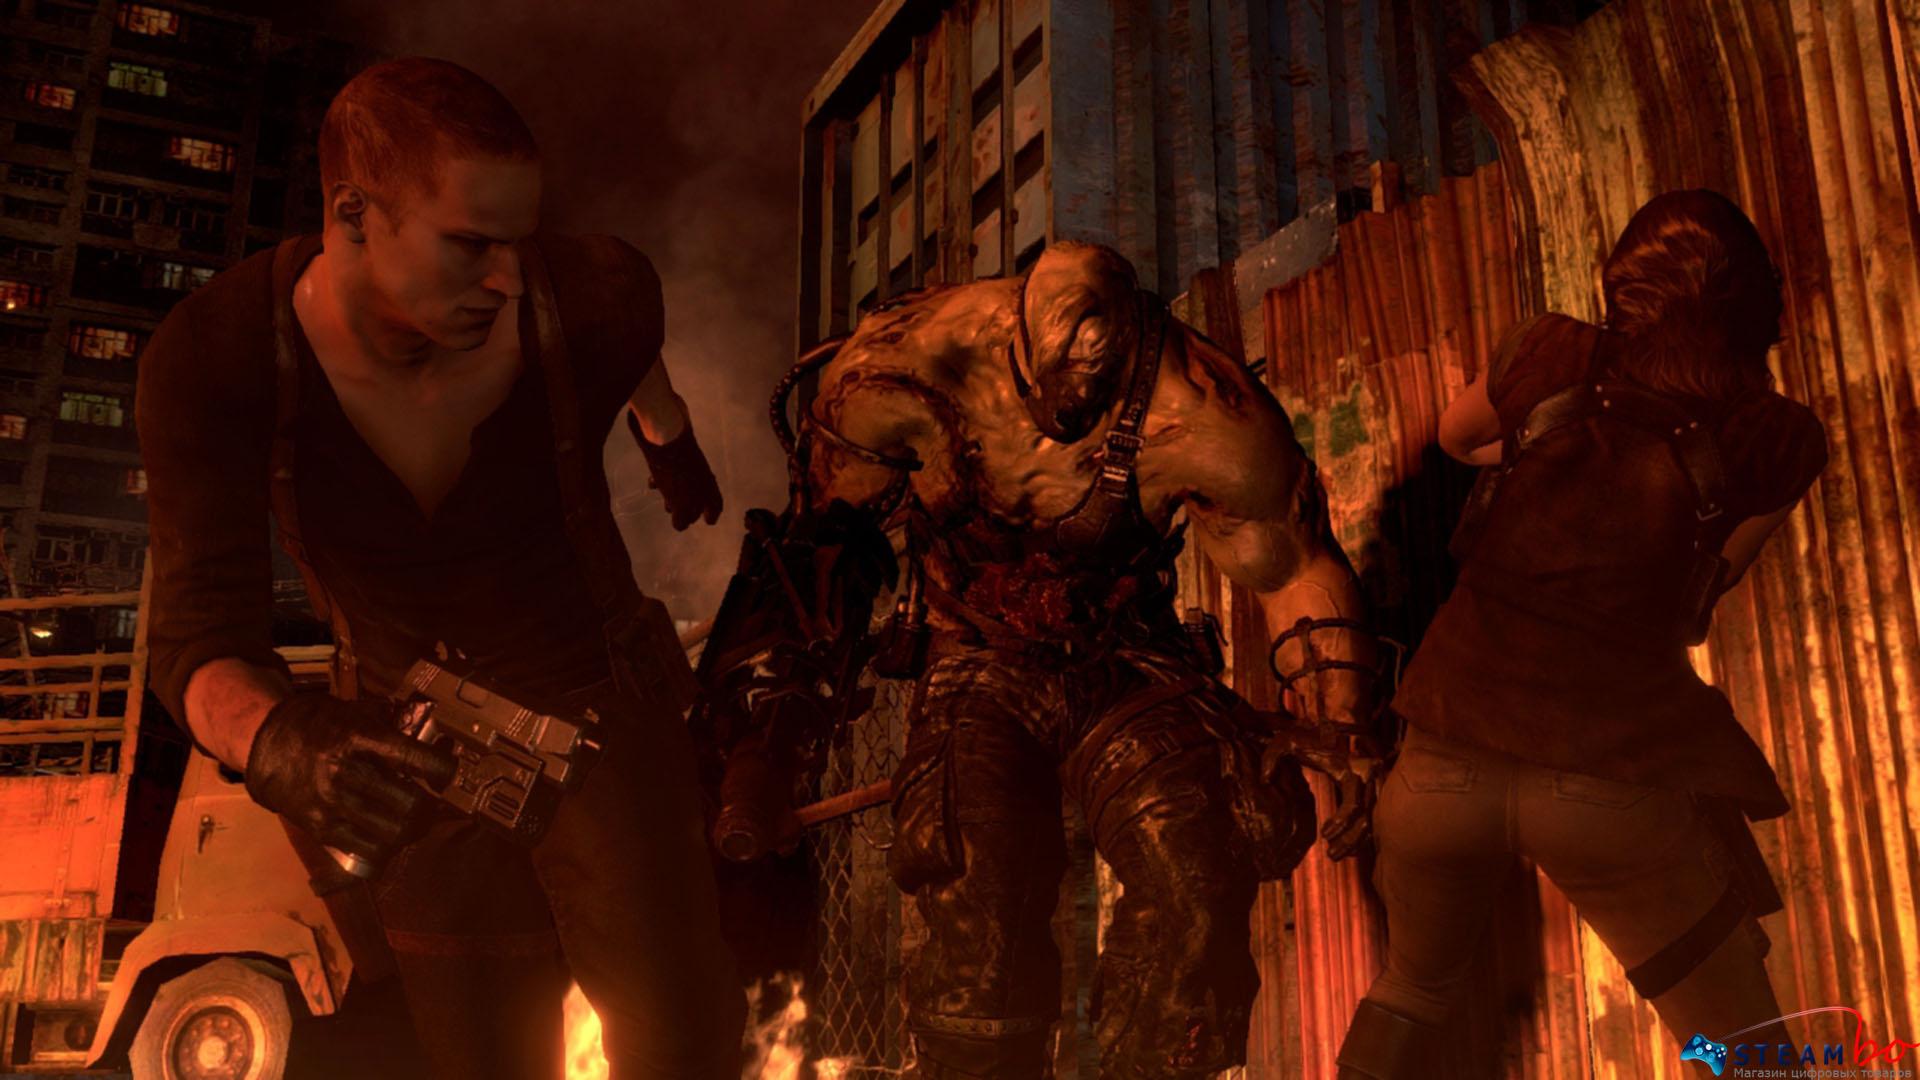 Моментально после оплаты вы получаете лицензионный ключ игры Resident